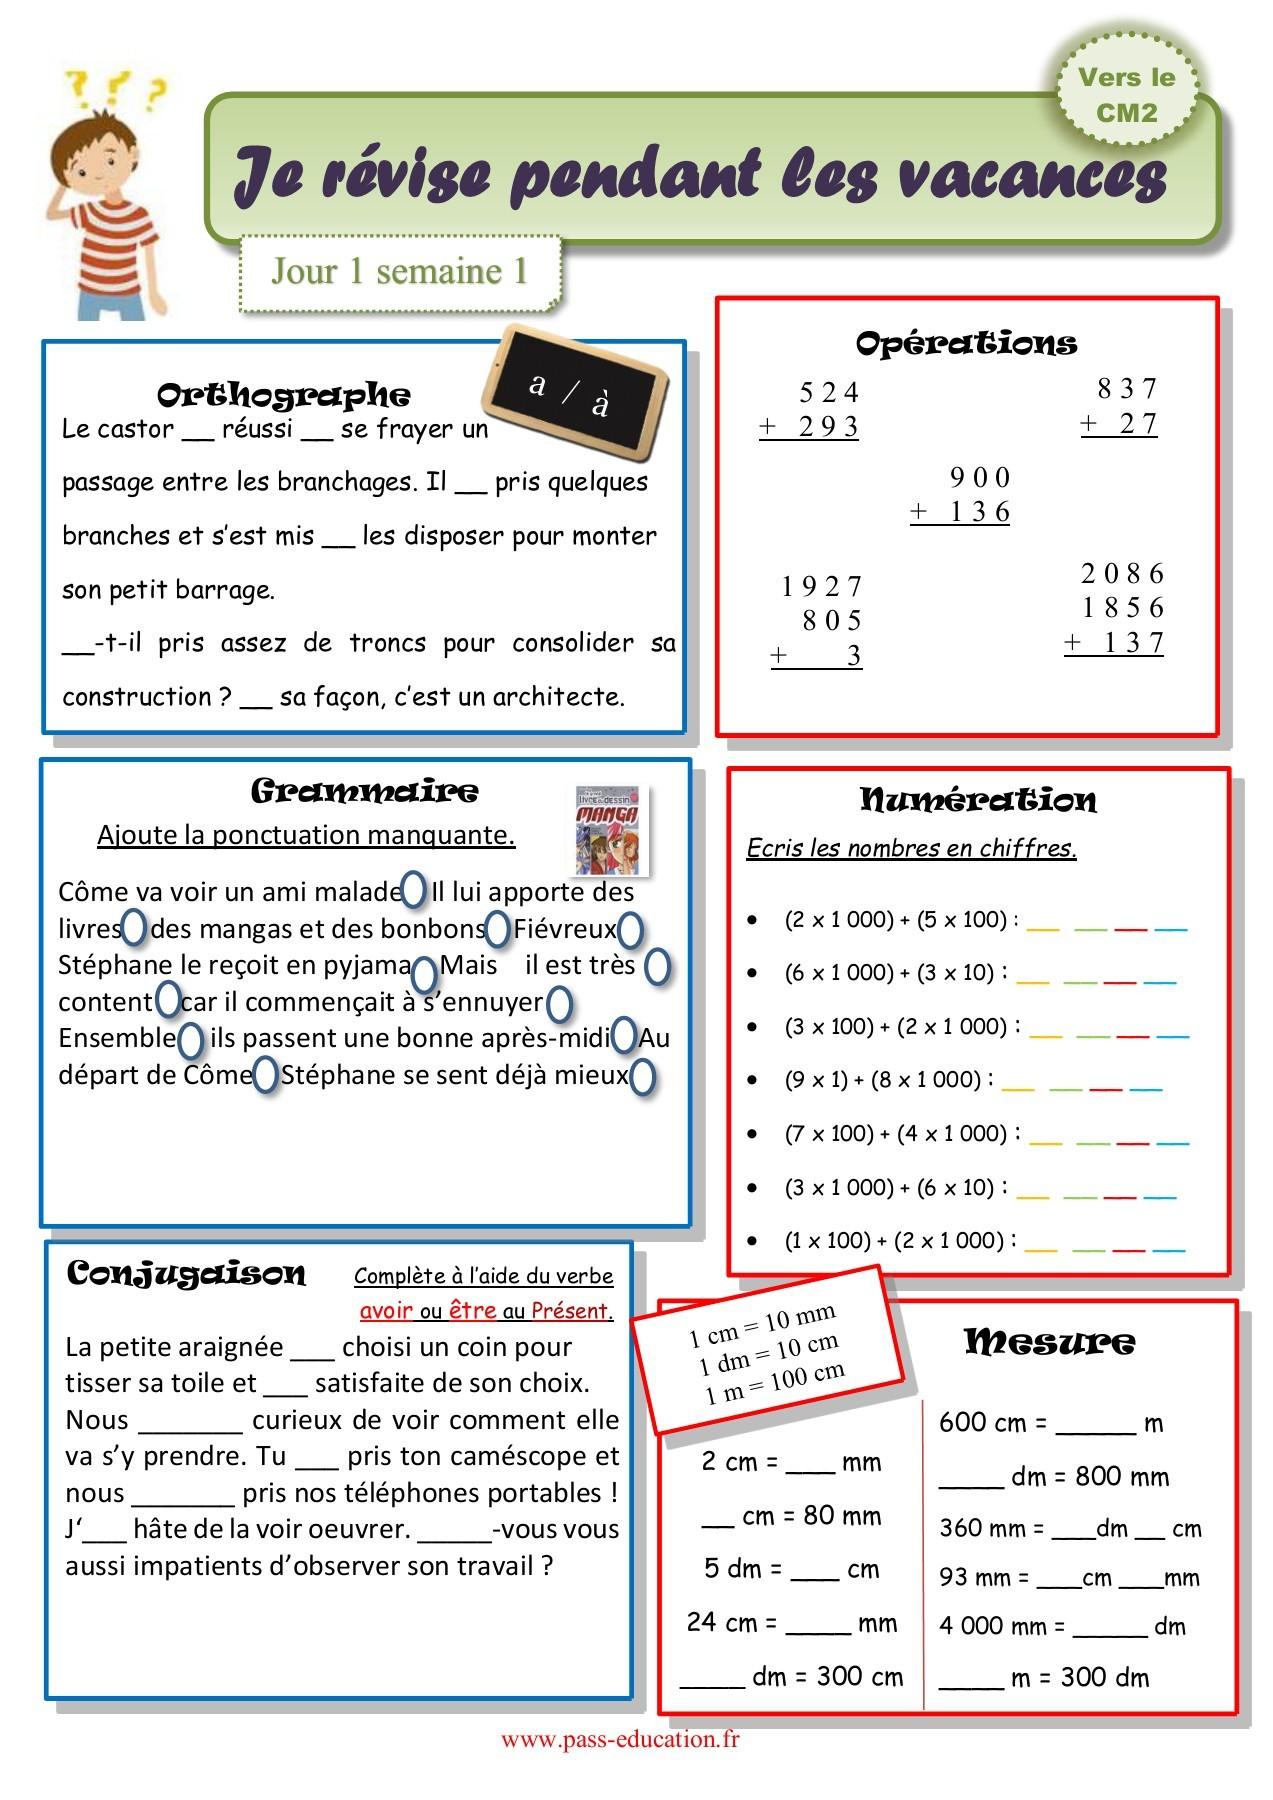 Cahier De Vacances Gratuit À Imprimer - Cm1 Vers Le Cm2 encequiconcerne Mots Mélés À Imprimer Cm1